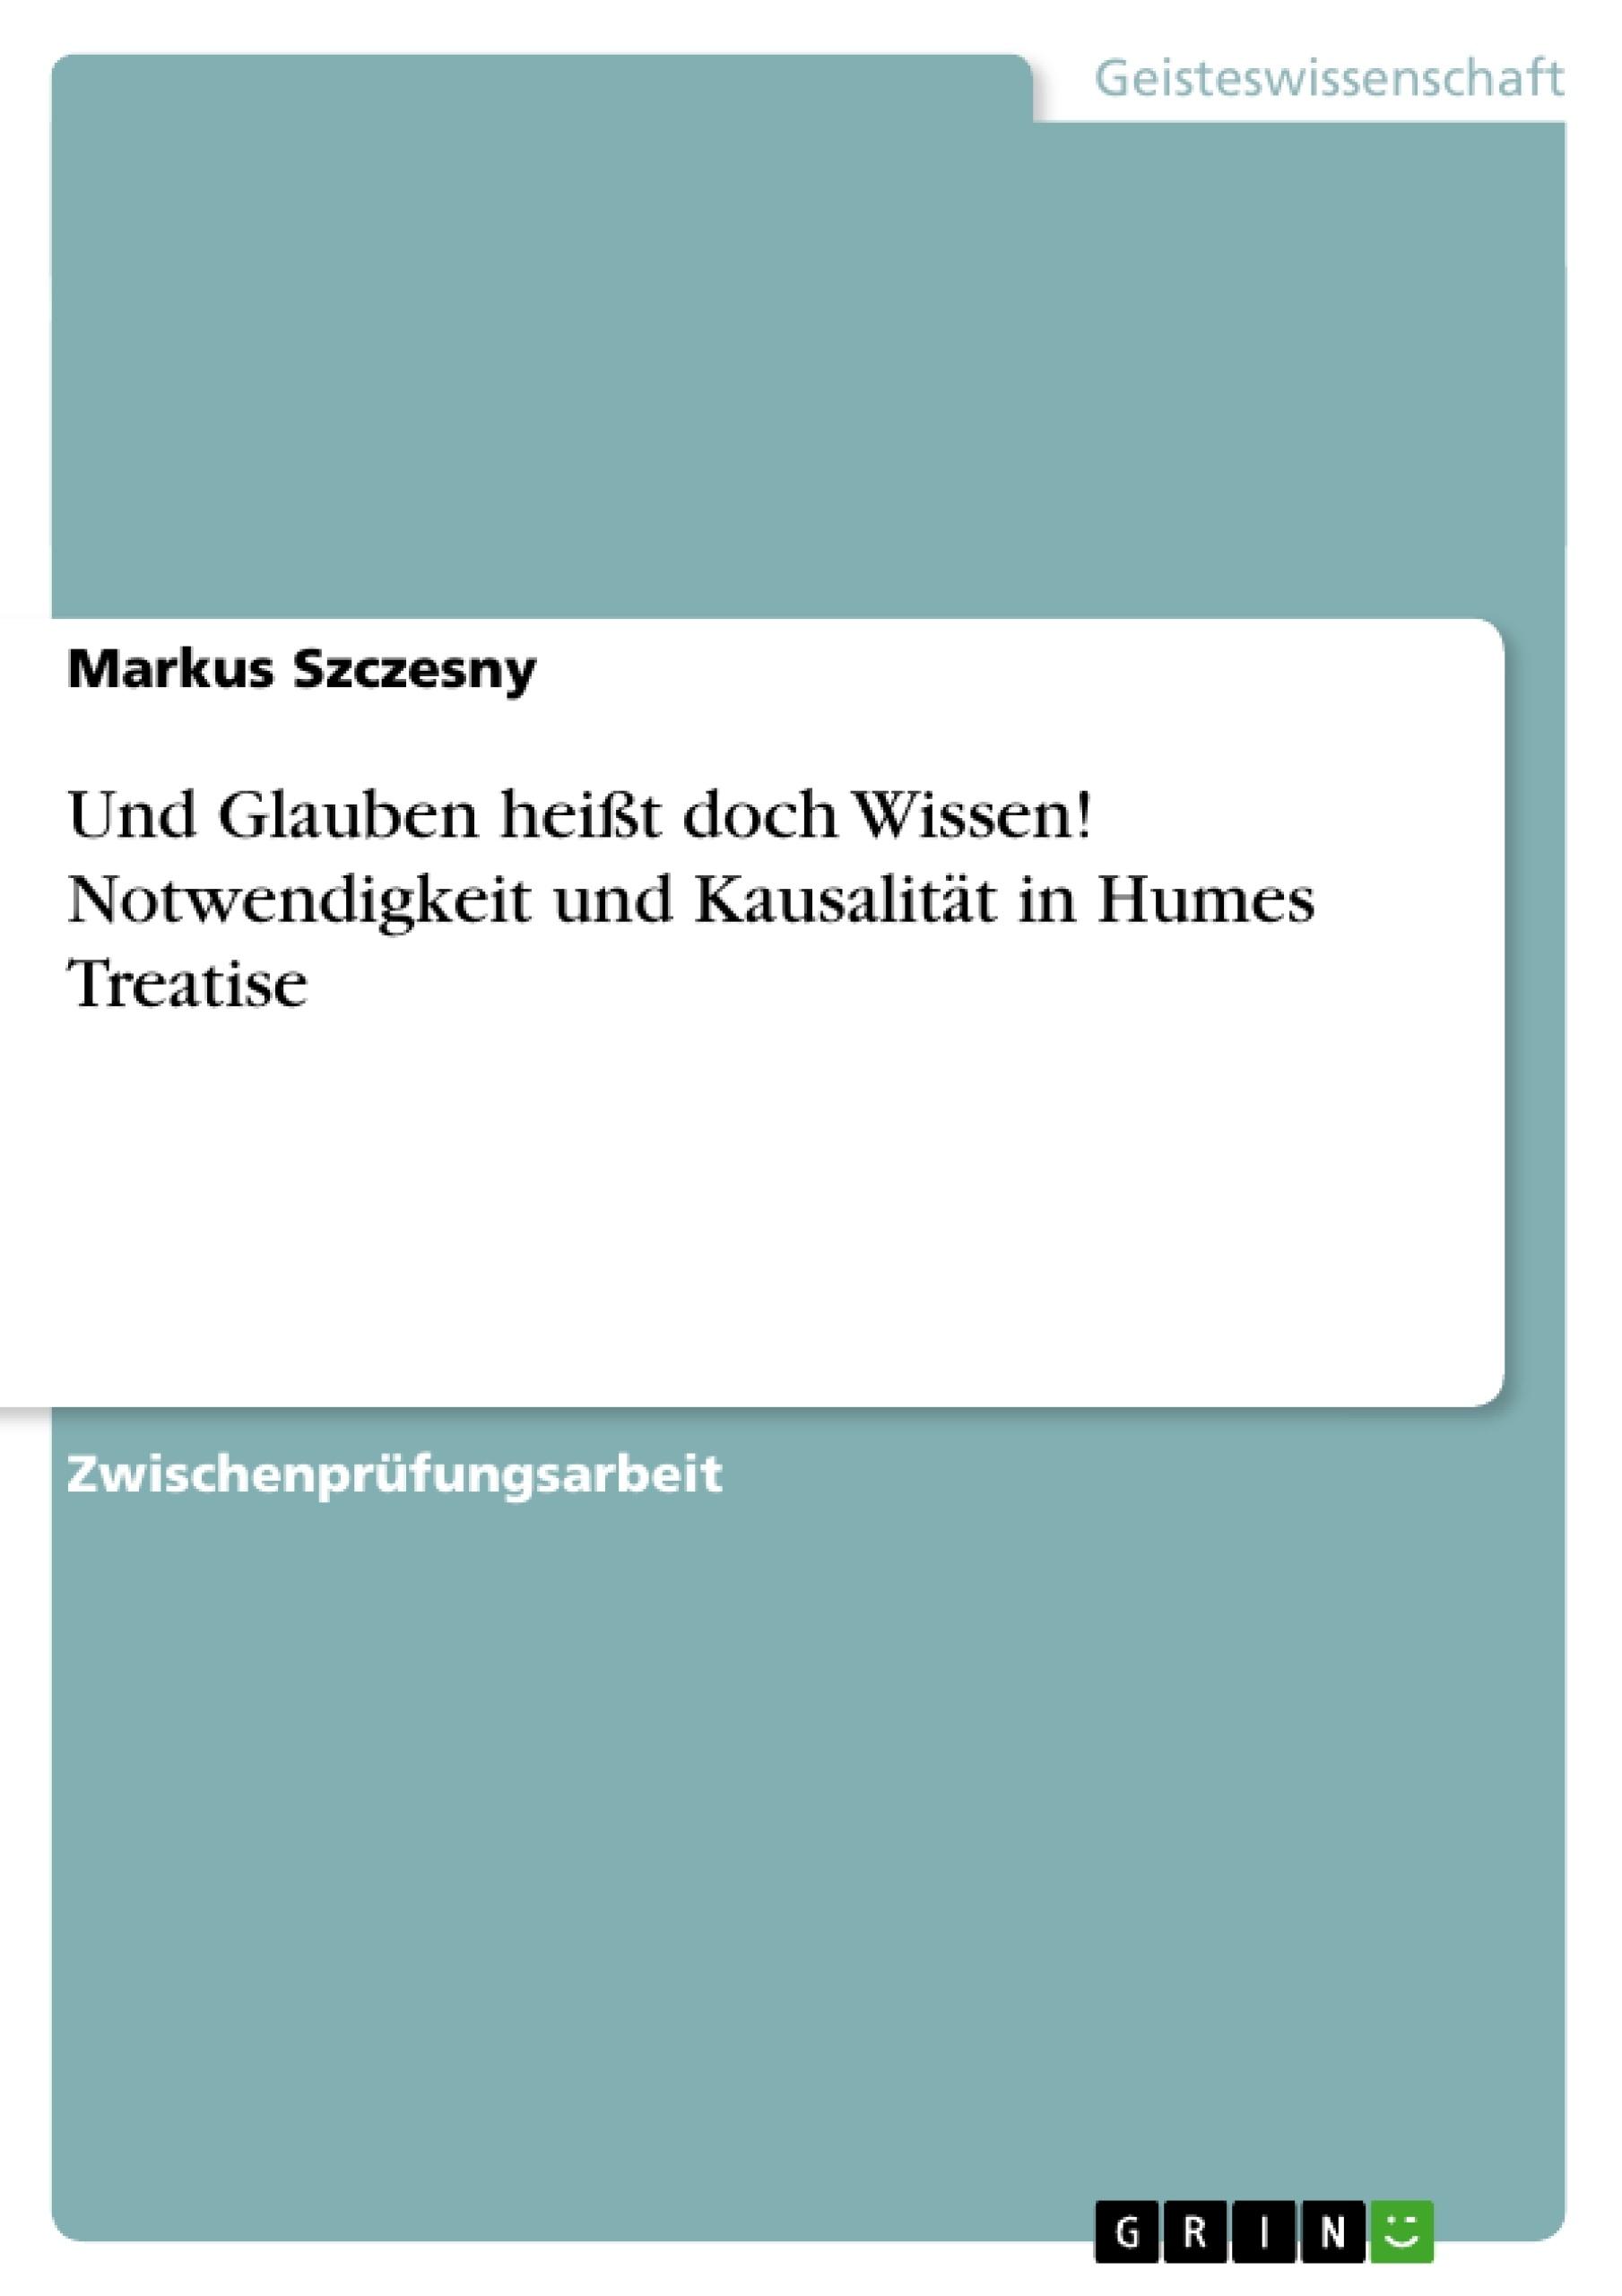 Titel: Und Glauben heißt doch Wissen! Notwendigkeit und Kausalität in Humes Treatise